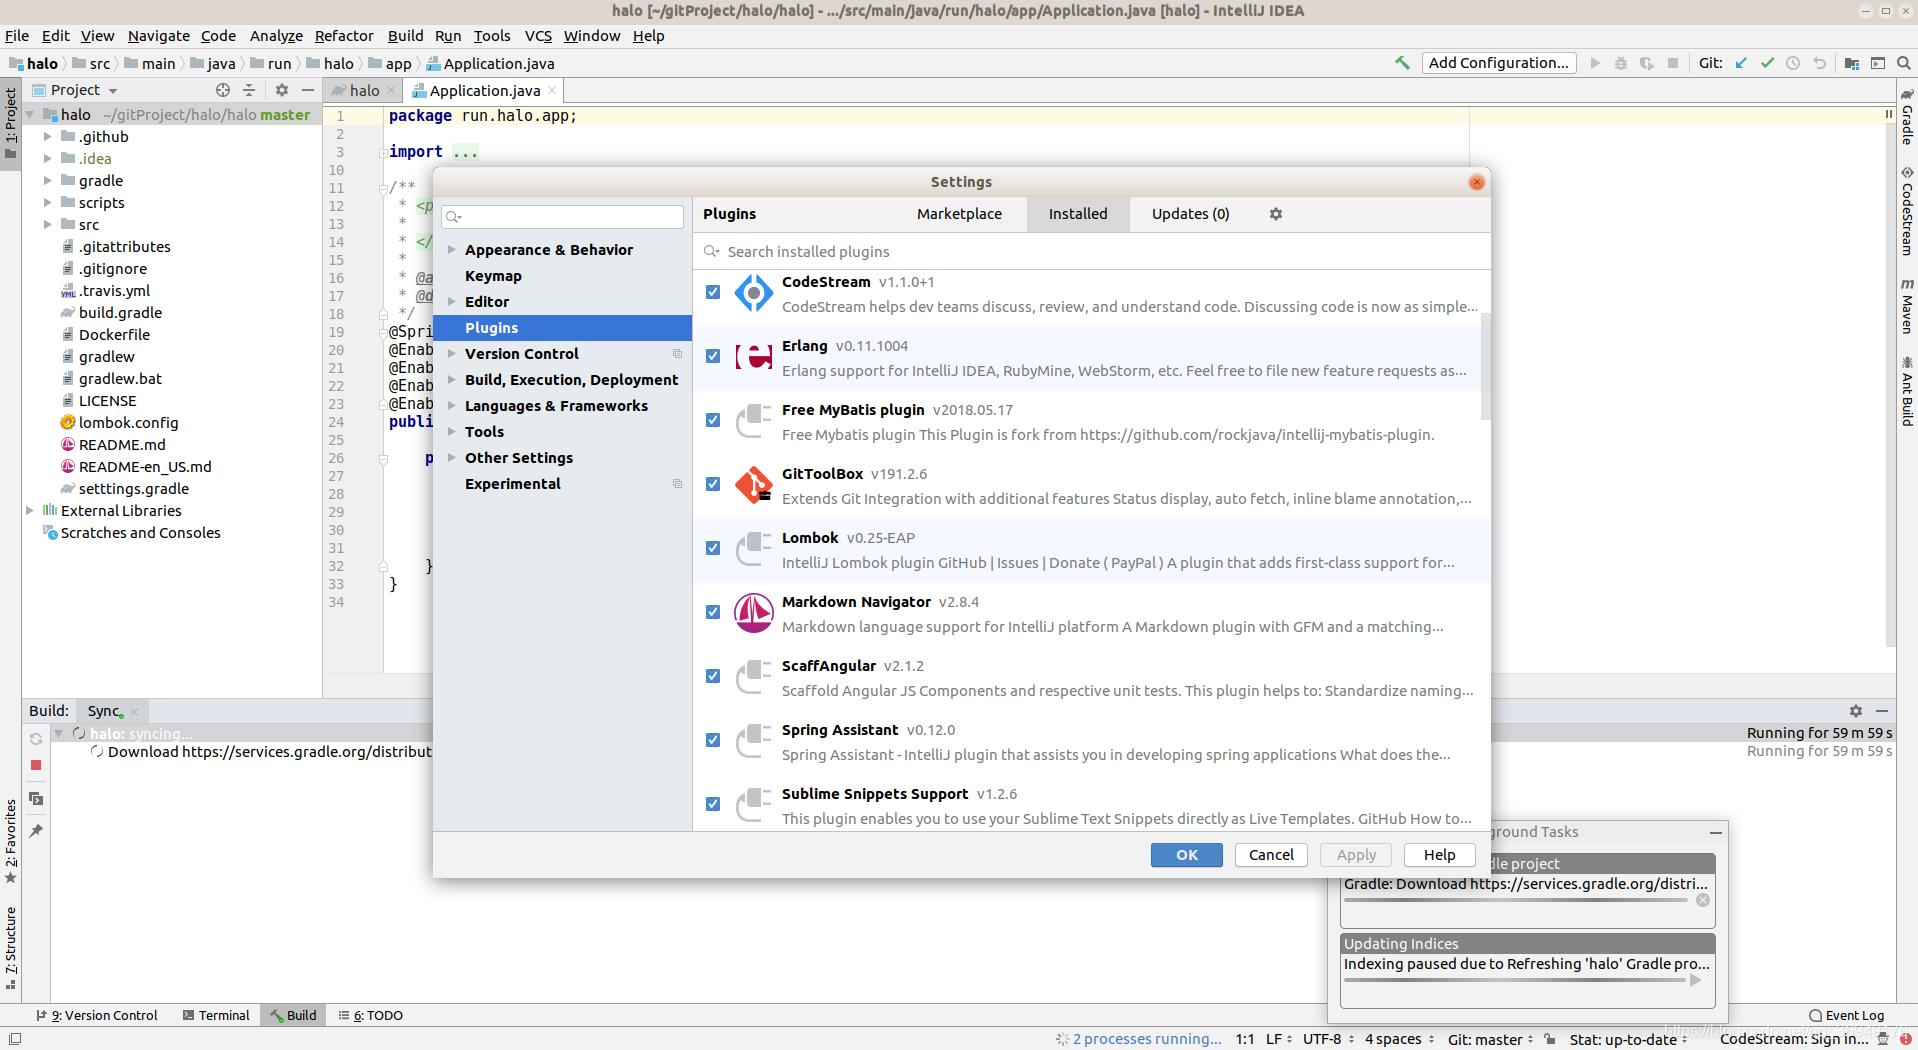 Halo博客系统在IDEA运行时log报错- yorkmass - CSDN博客